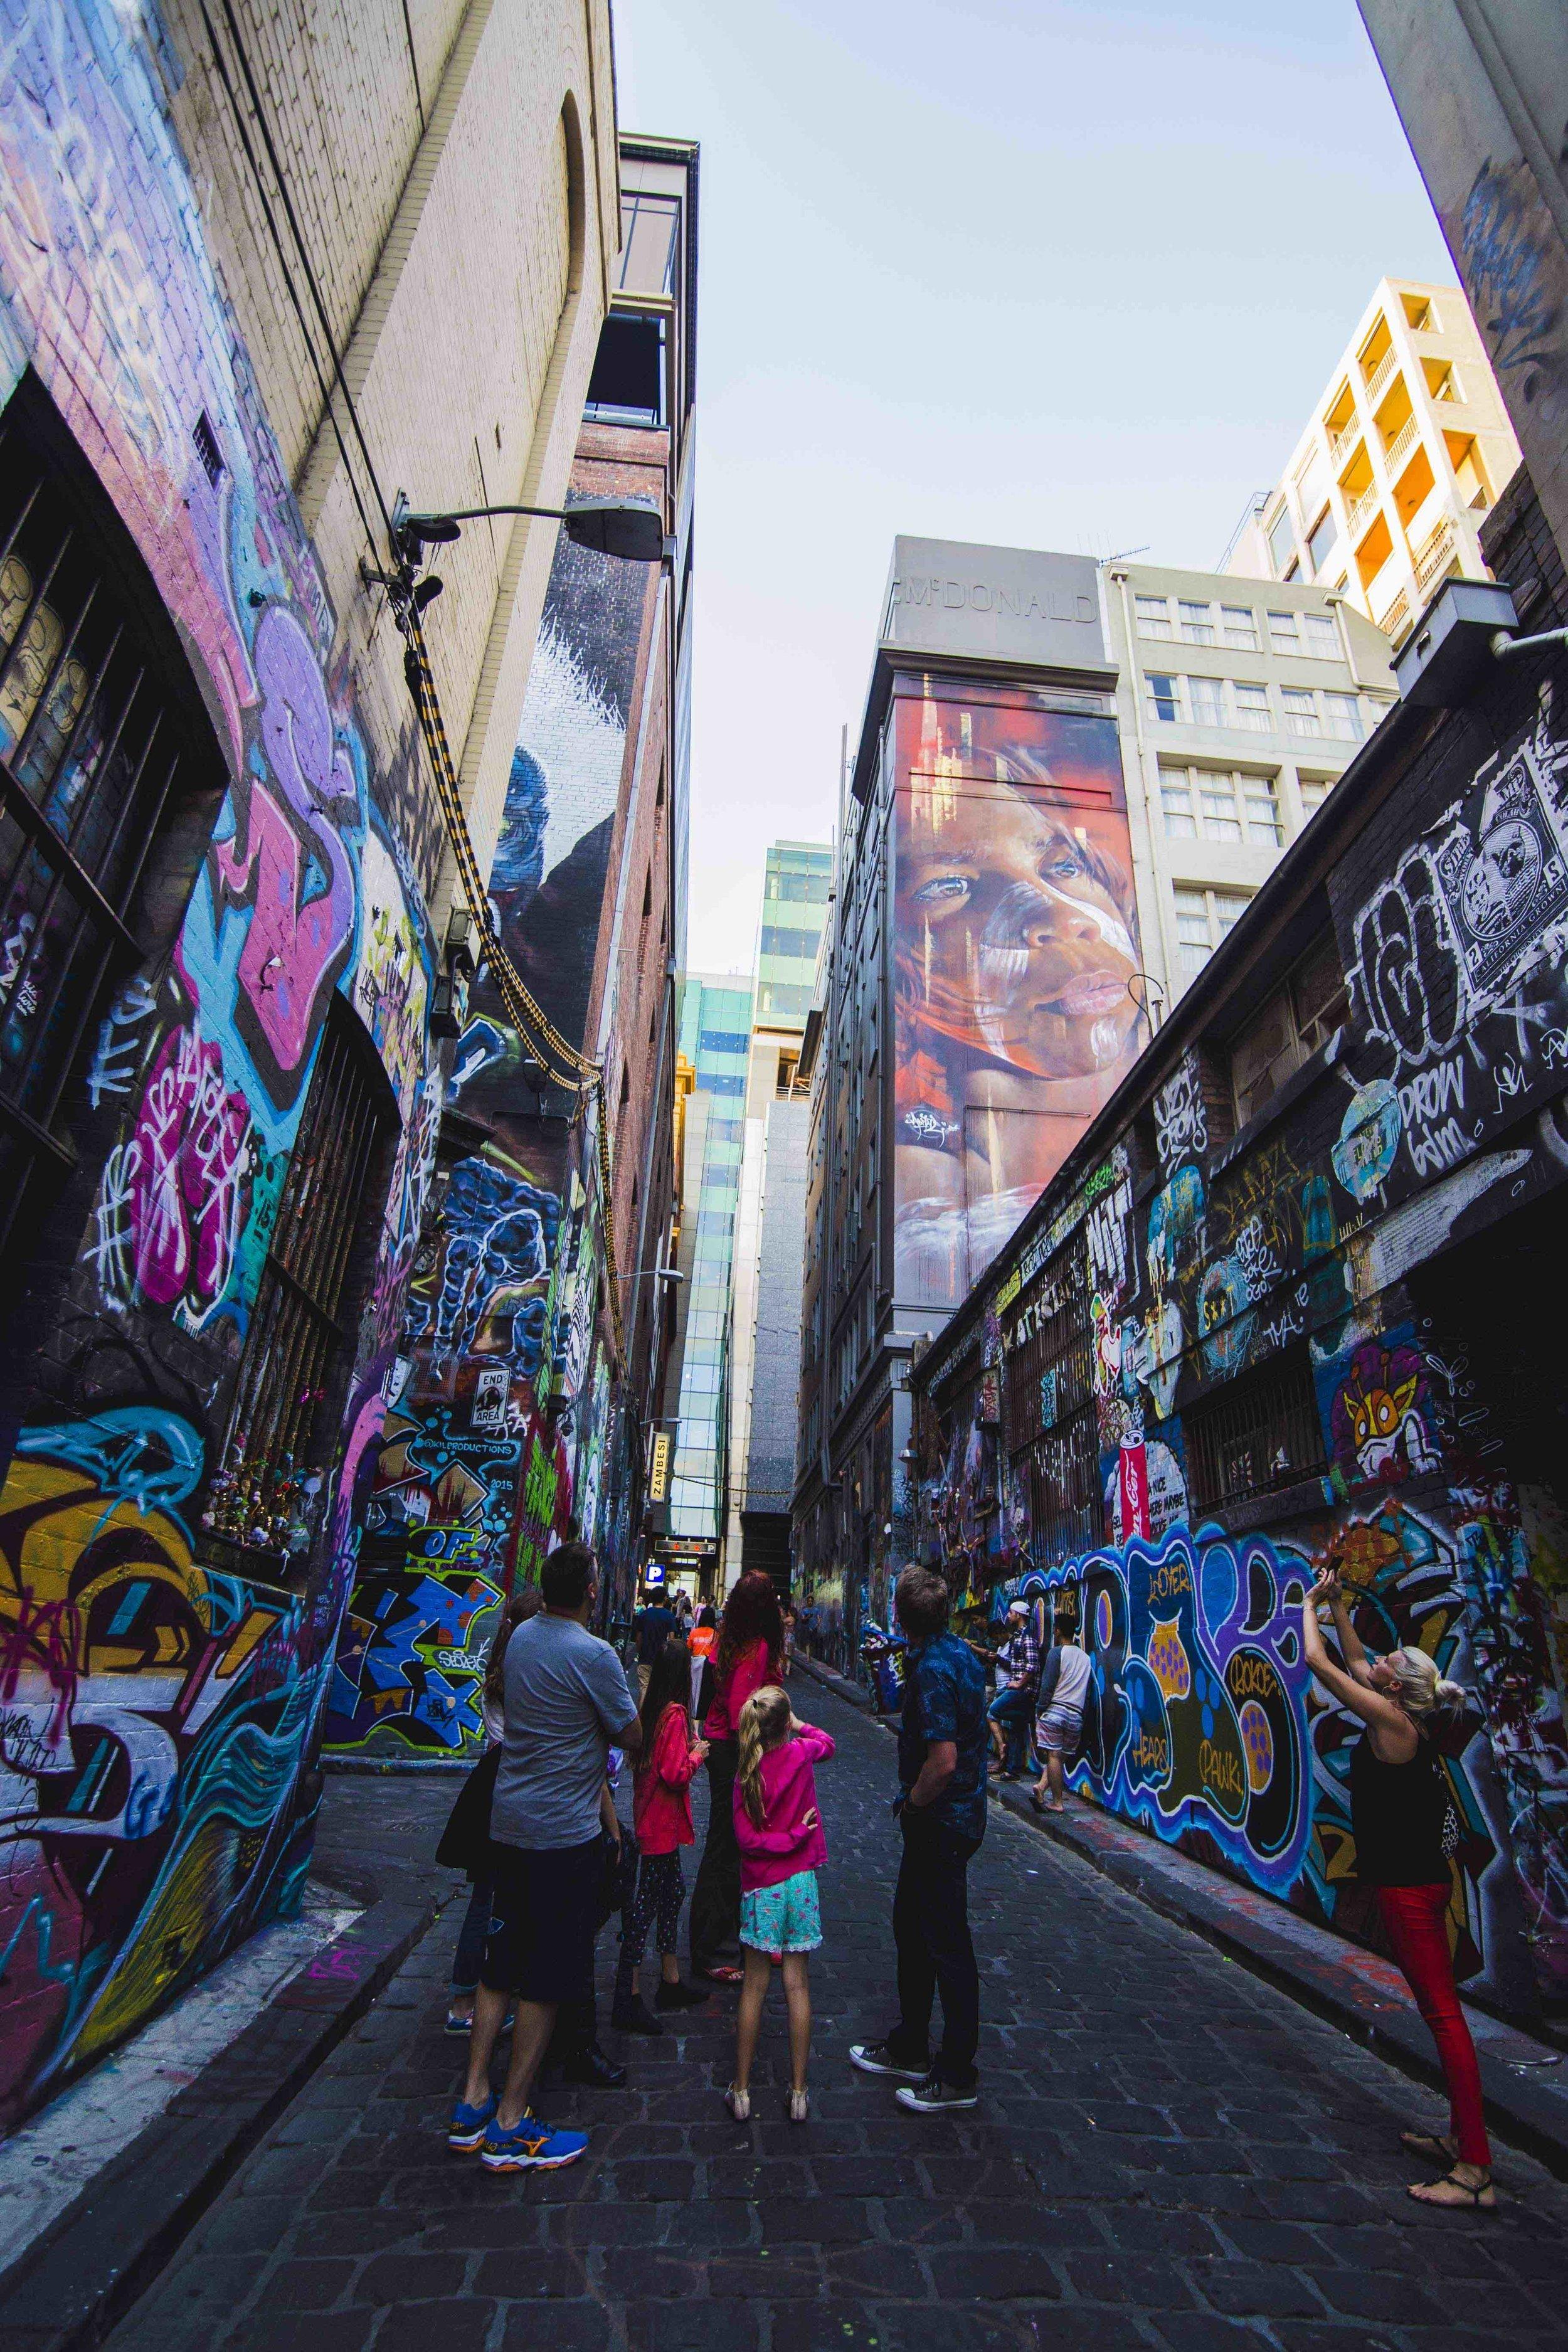 Melbourne's Hosier Lane full of street art. Photo: Marine Raynard